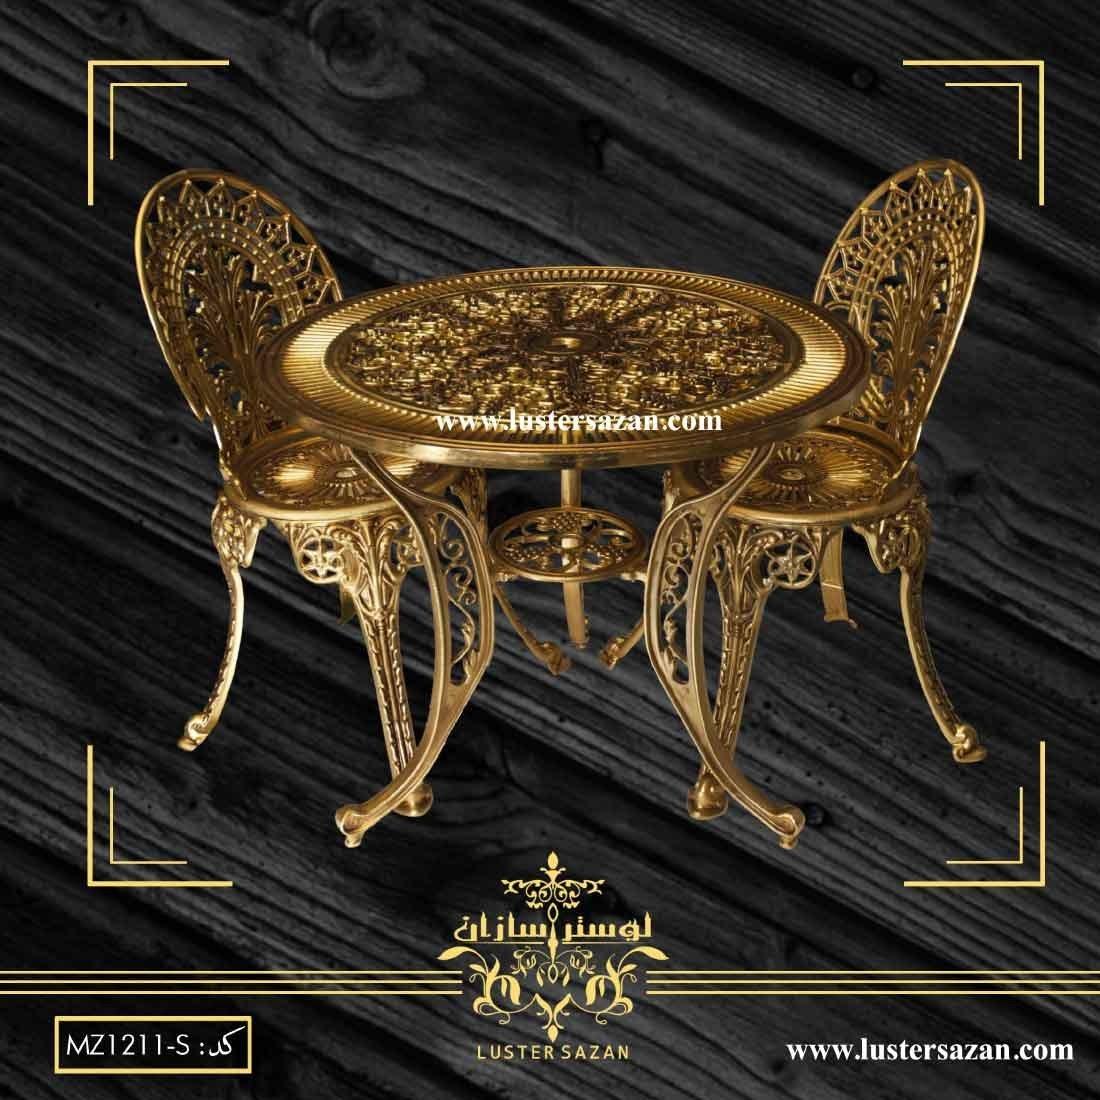 میز و صندلی آبنوس – طلا قهوه ای قلم لوسترسازان |